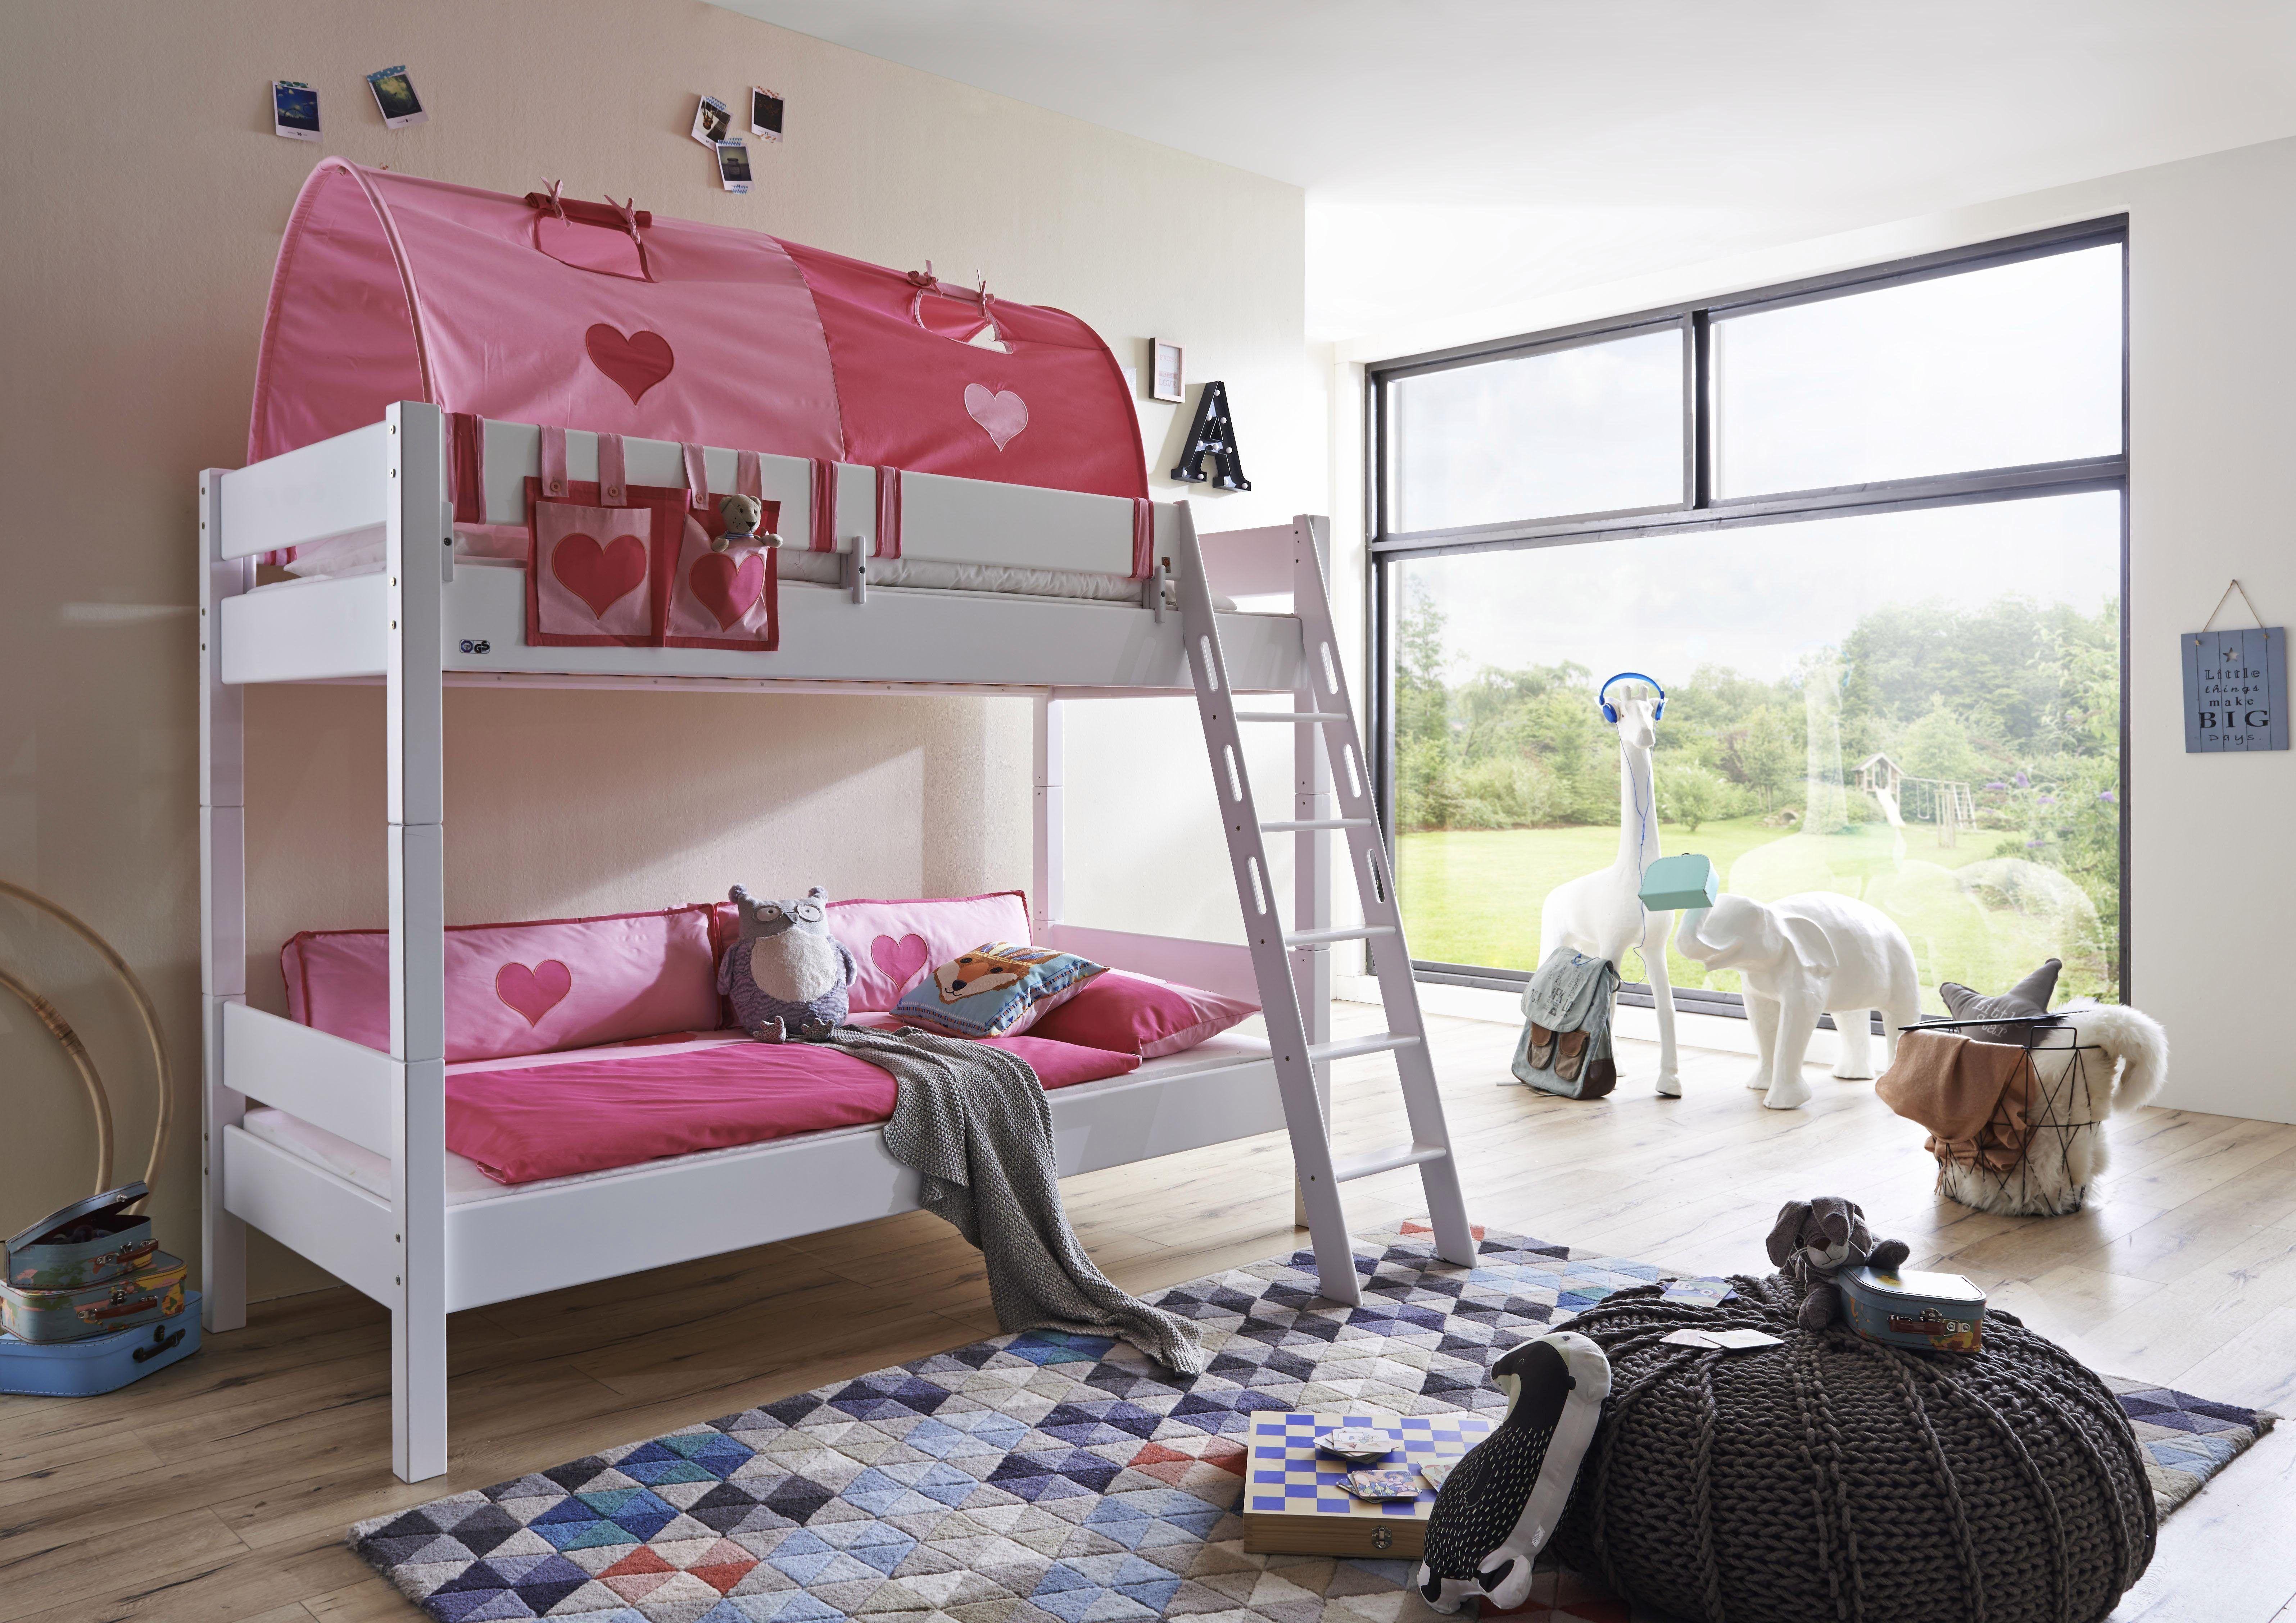 Etagenbett Rosa : Etagenbett mit rutsche hochbett rosa farbe dass einschliealich ta